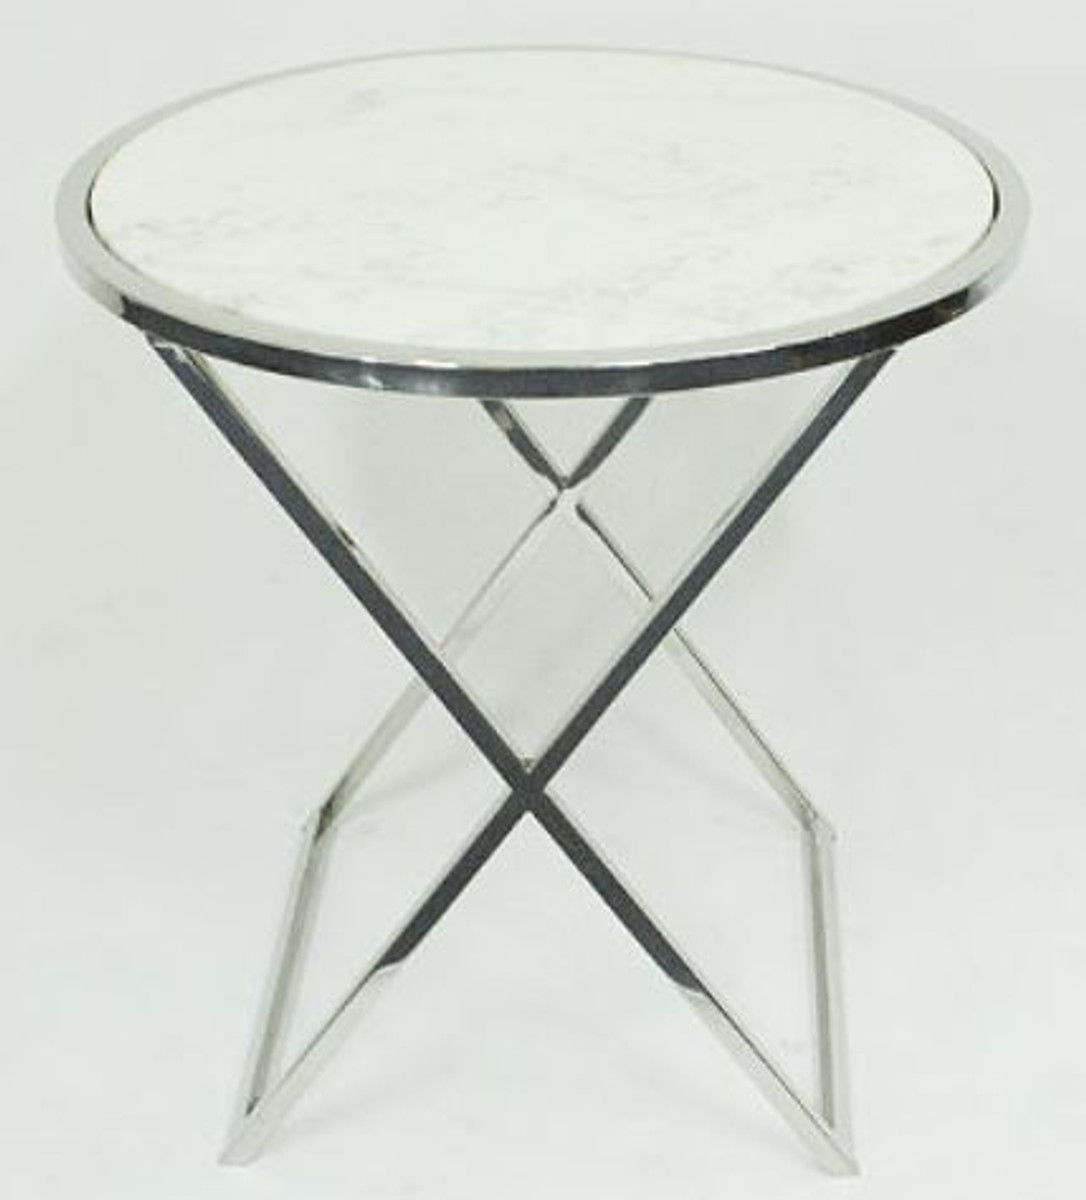 Casa Padrino Beistelltisch Silber / Weiß Ø 61 x H. 61 cm - Wohnzimmer Beistelltisch mit weißer Marmorplatte 1